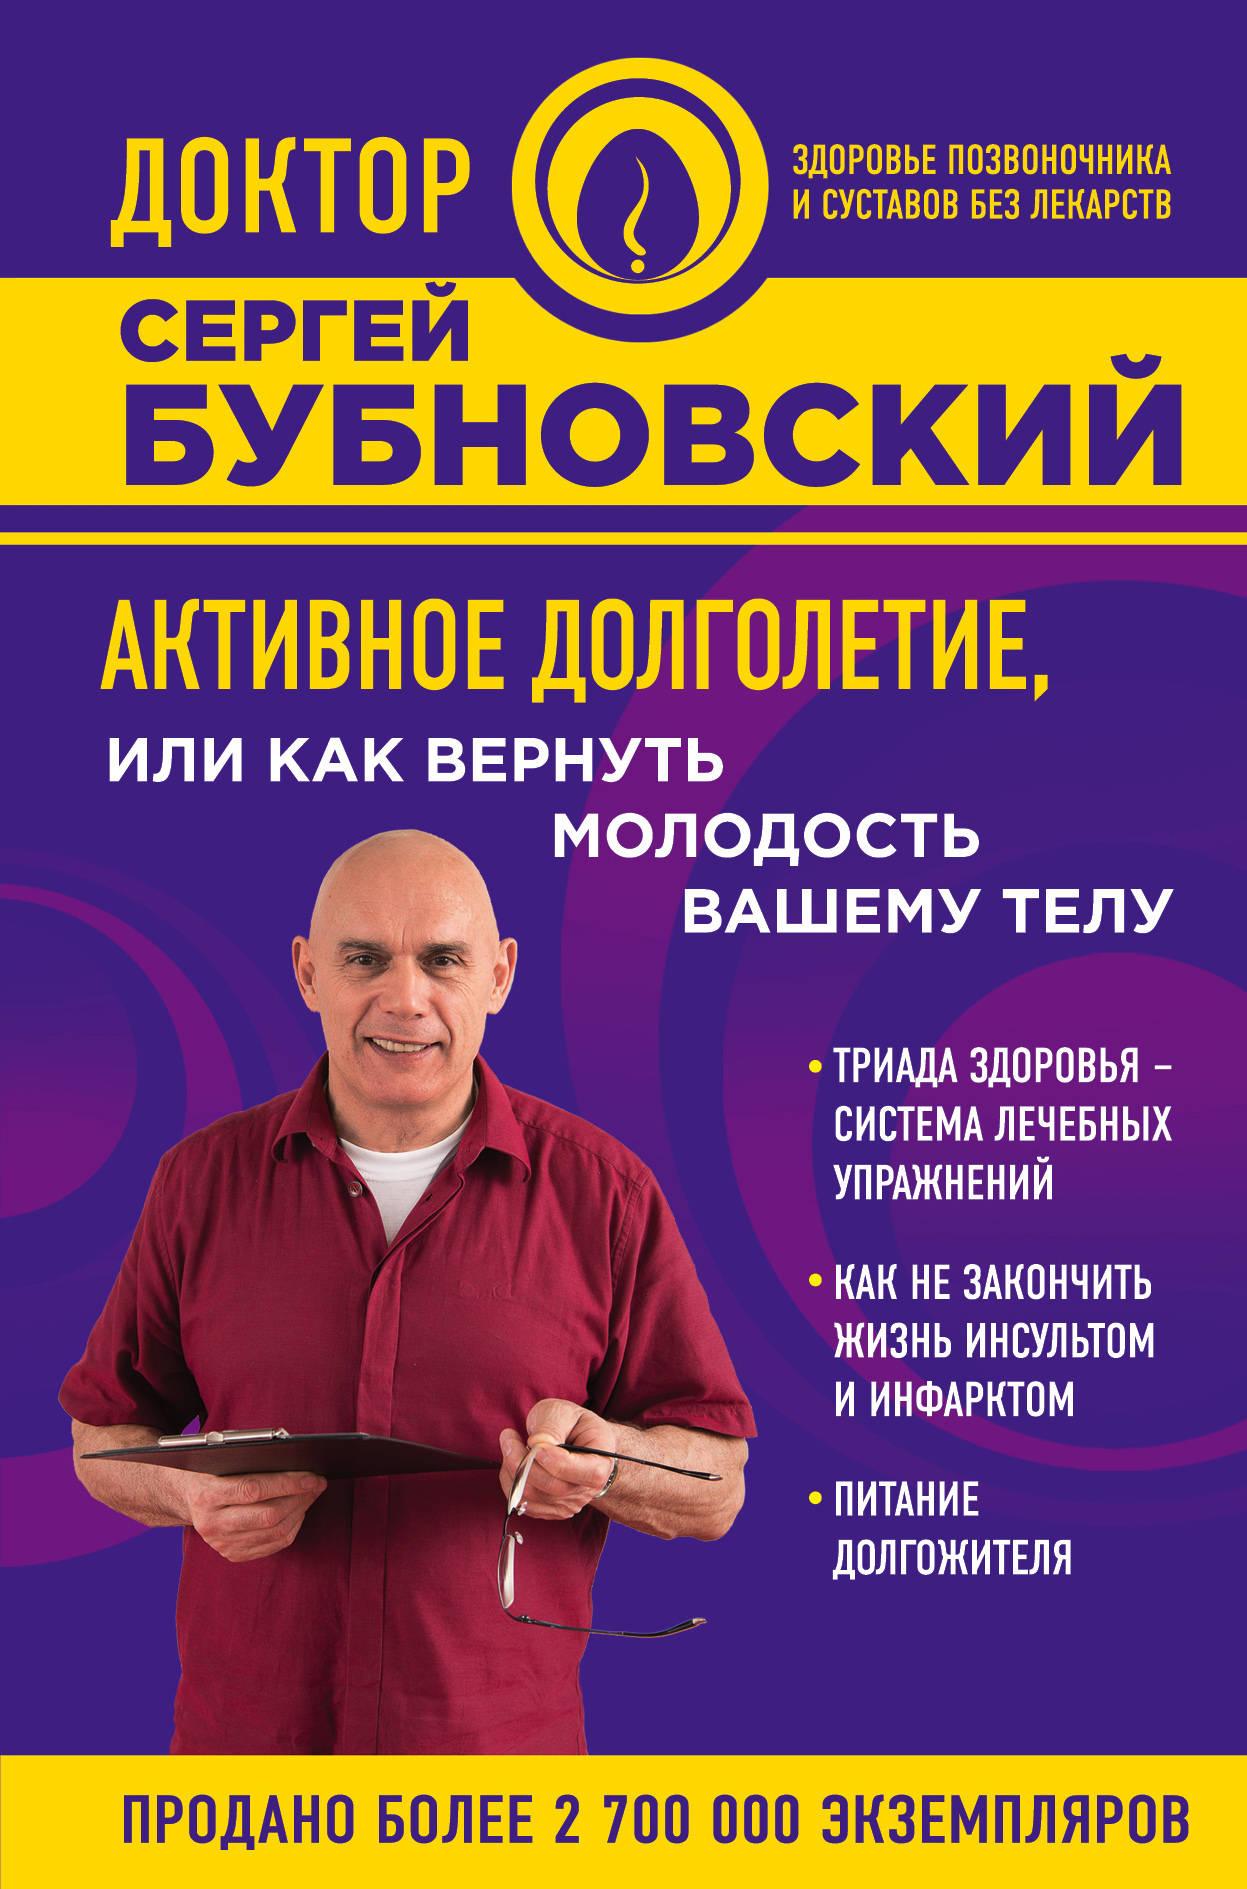 Сергей Бубновский Активное долголетие, или Как вернуть молодость вашему телу